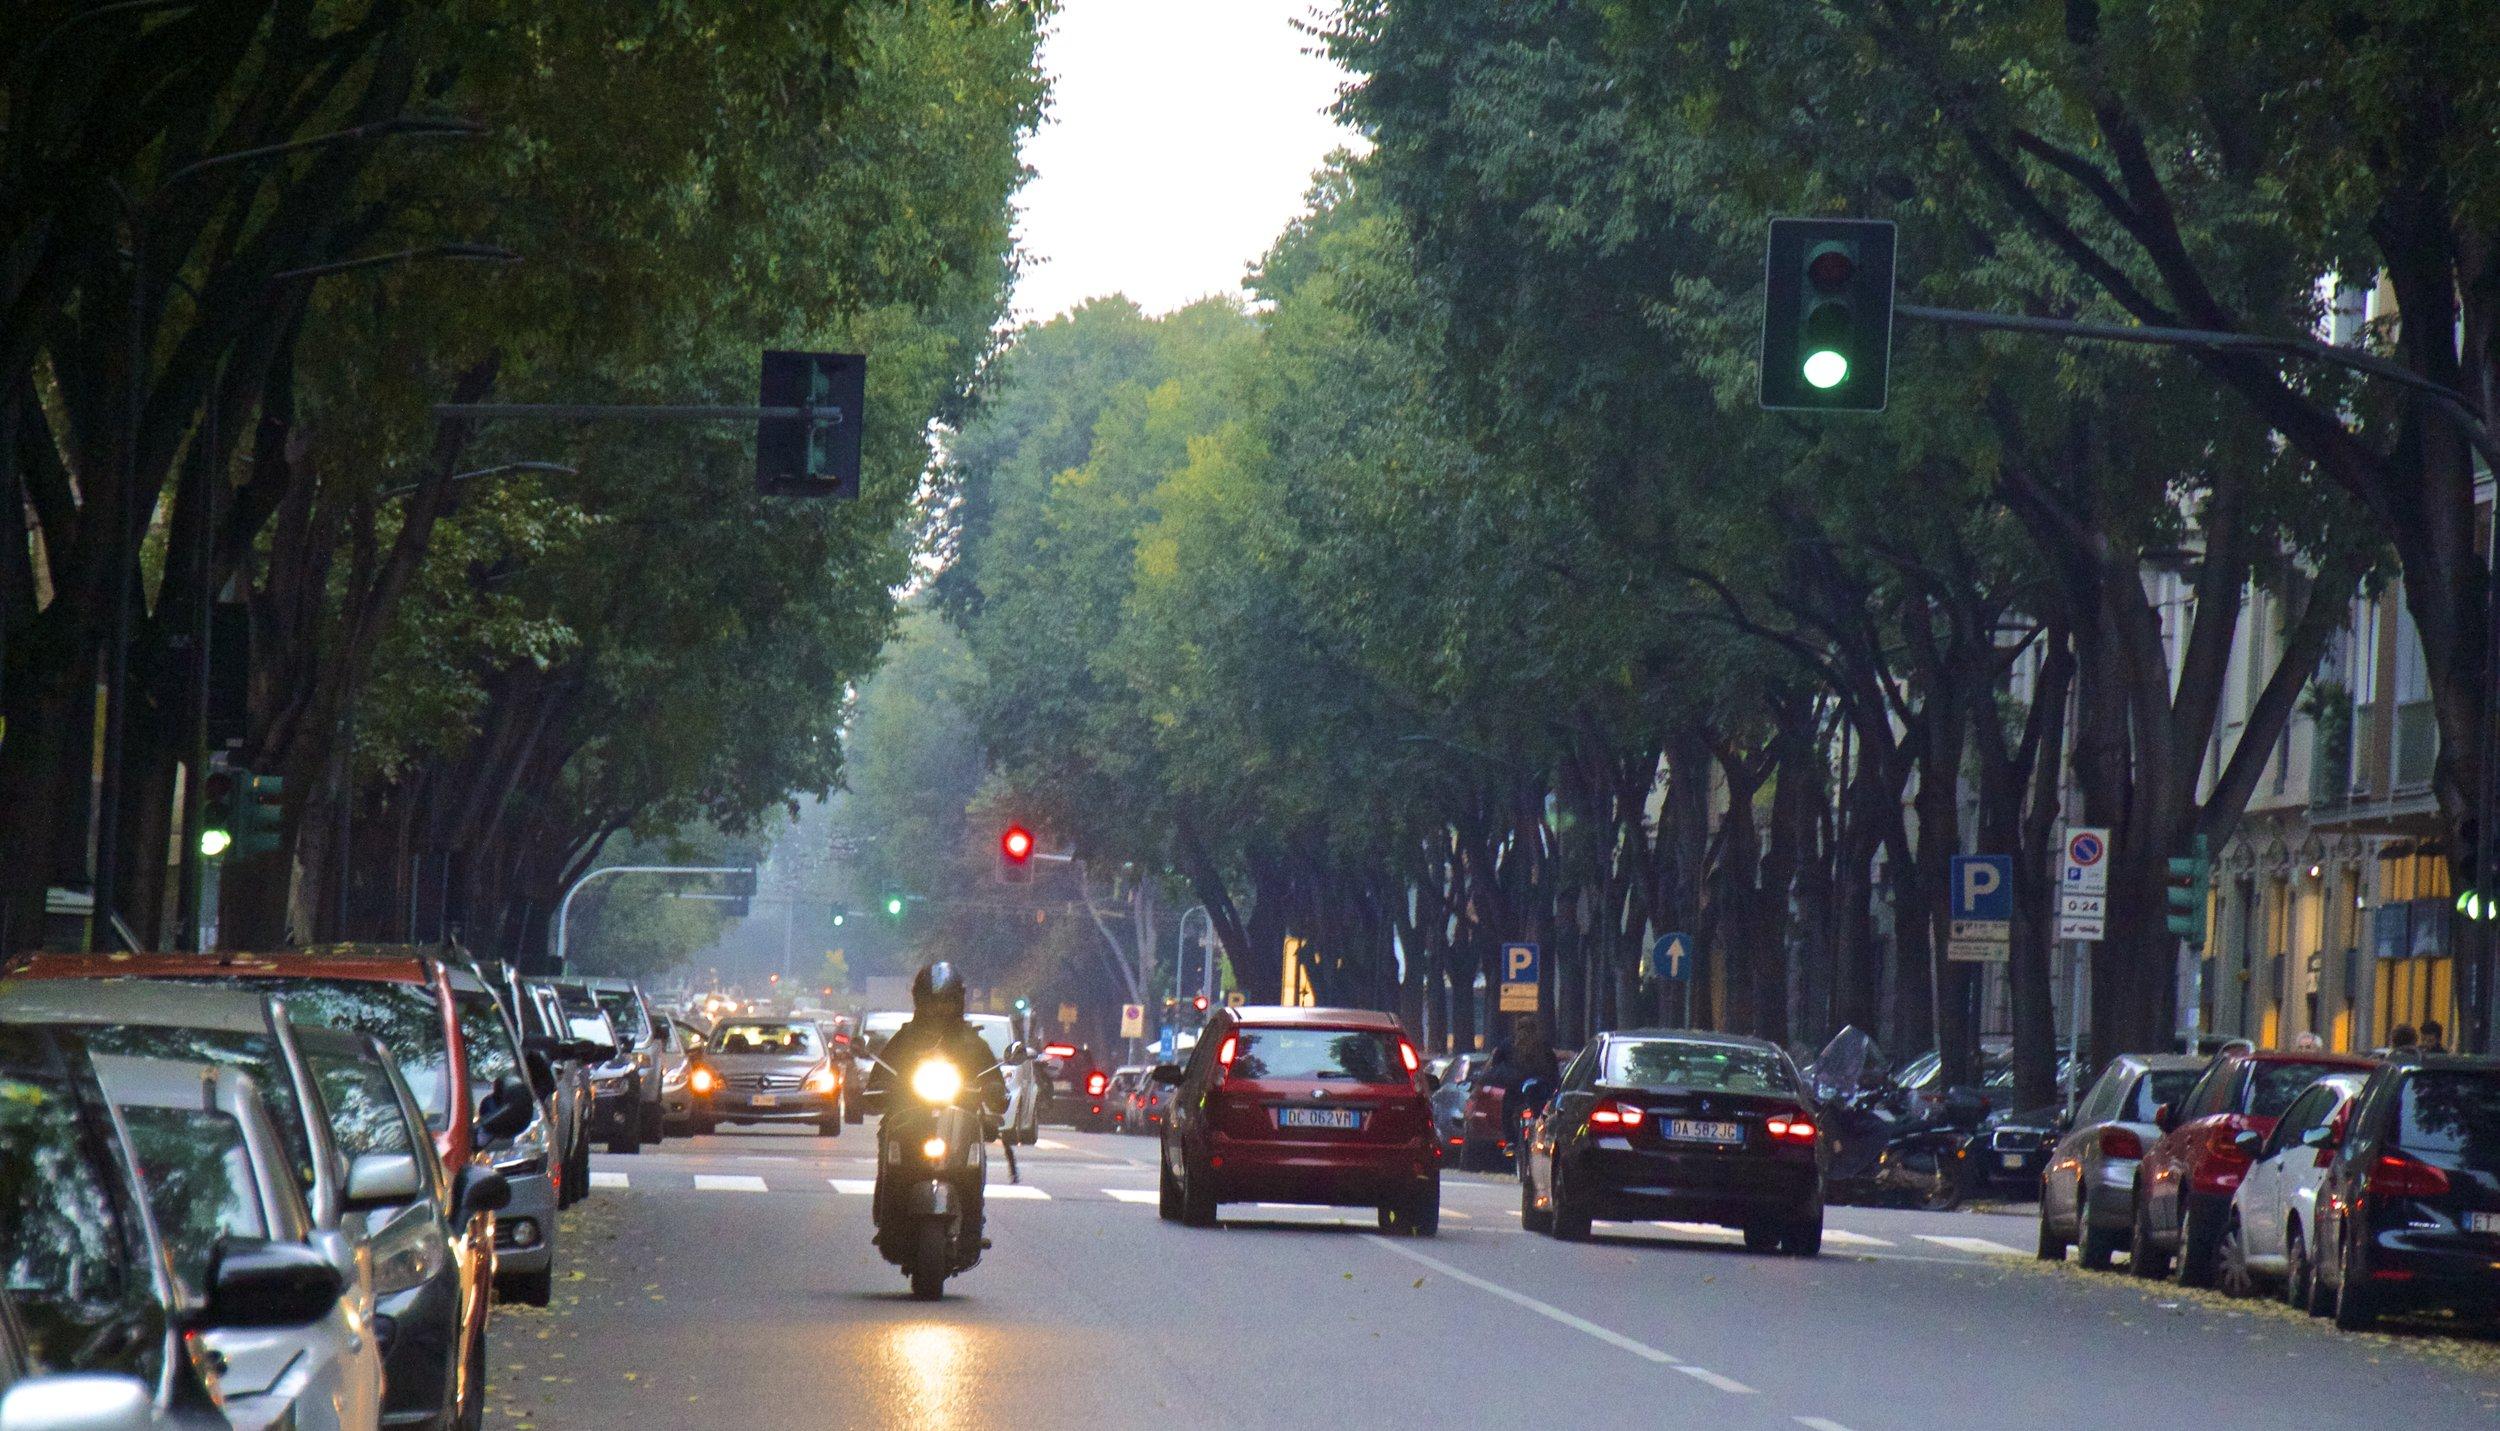 milan milano streets italy 8.jpg